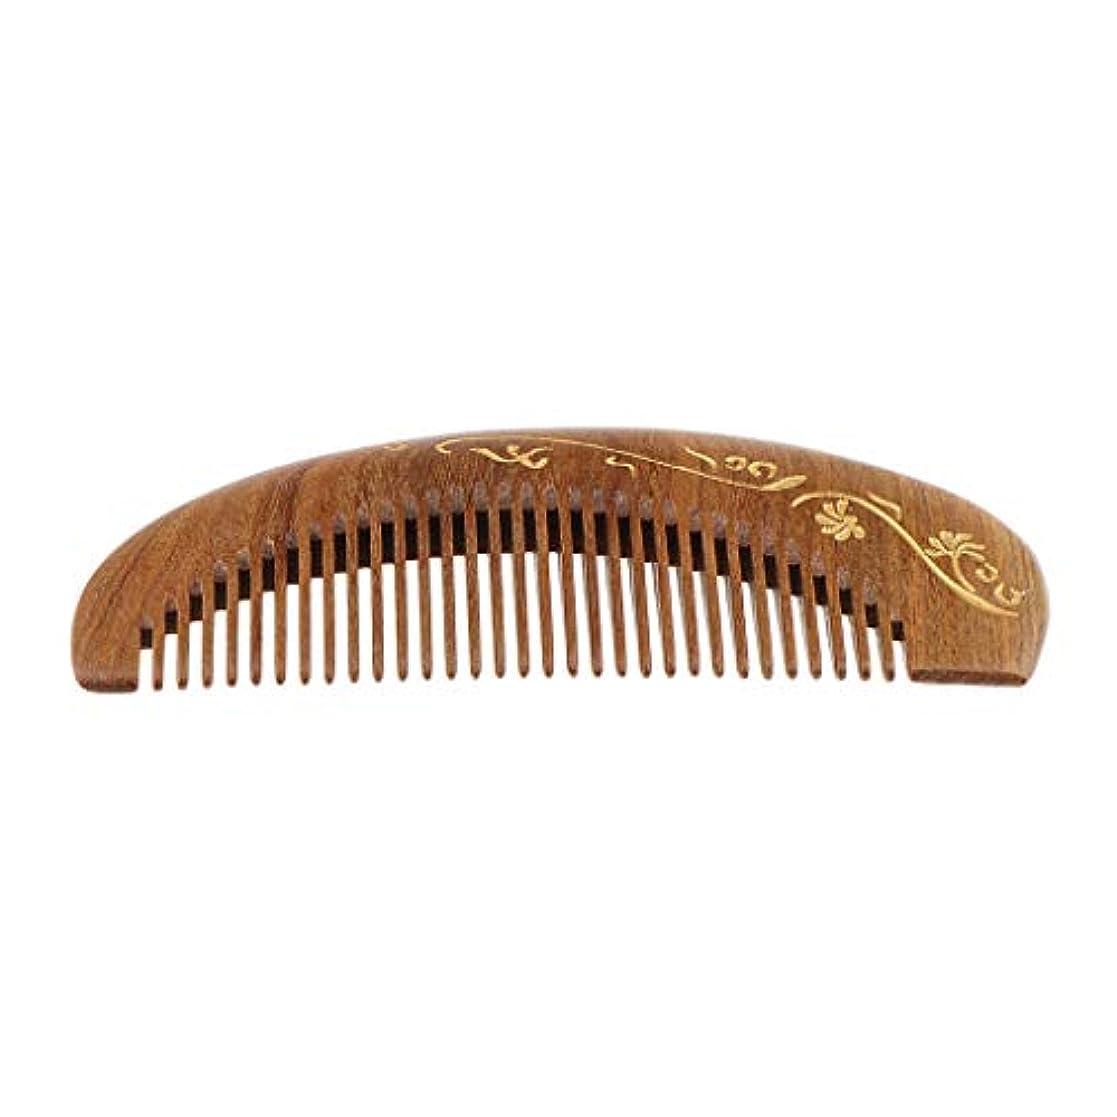 適度にネクタイカリングSM SunniMix 木製ヘアコーム 静電気防止櫛 ヘアサロン 広い歯 マッサージ櫛 4仕様選べ - #2